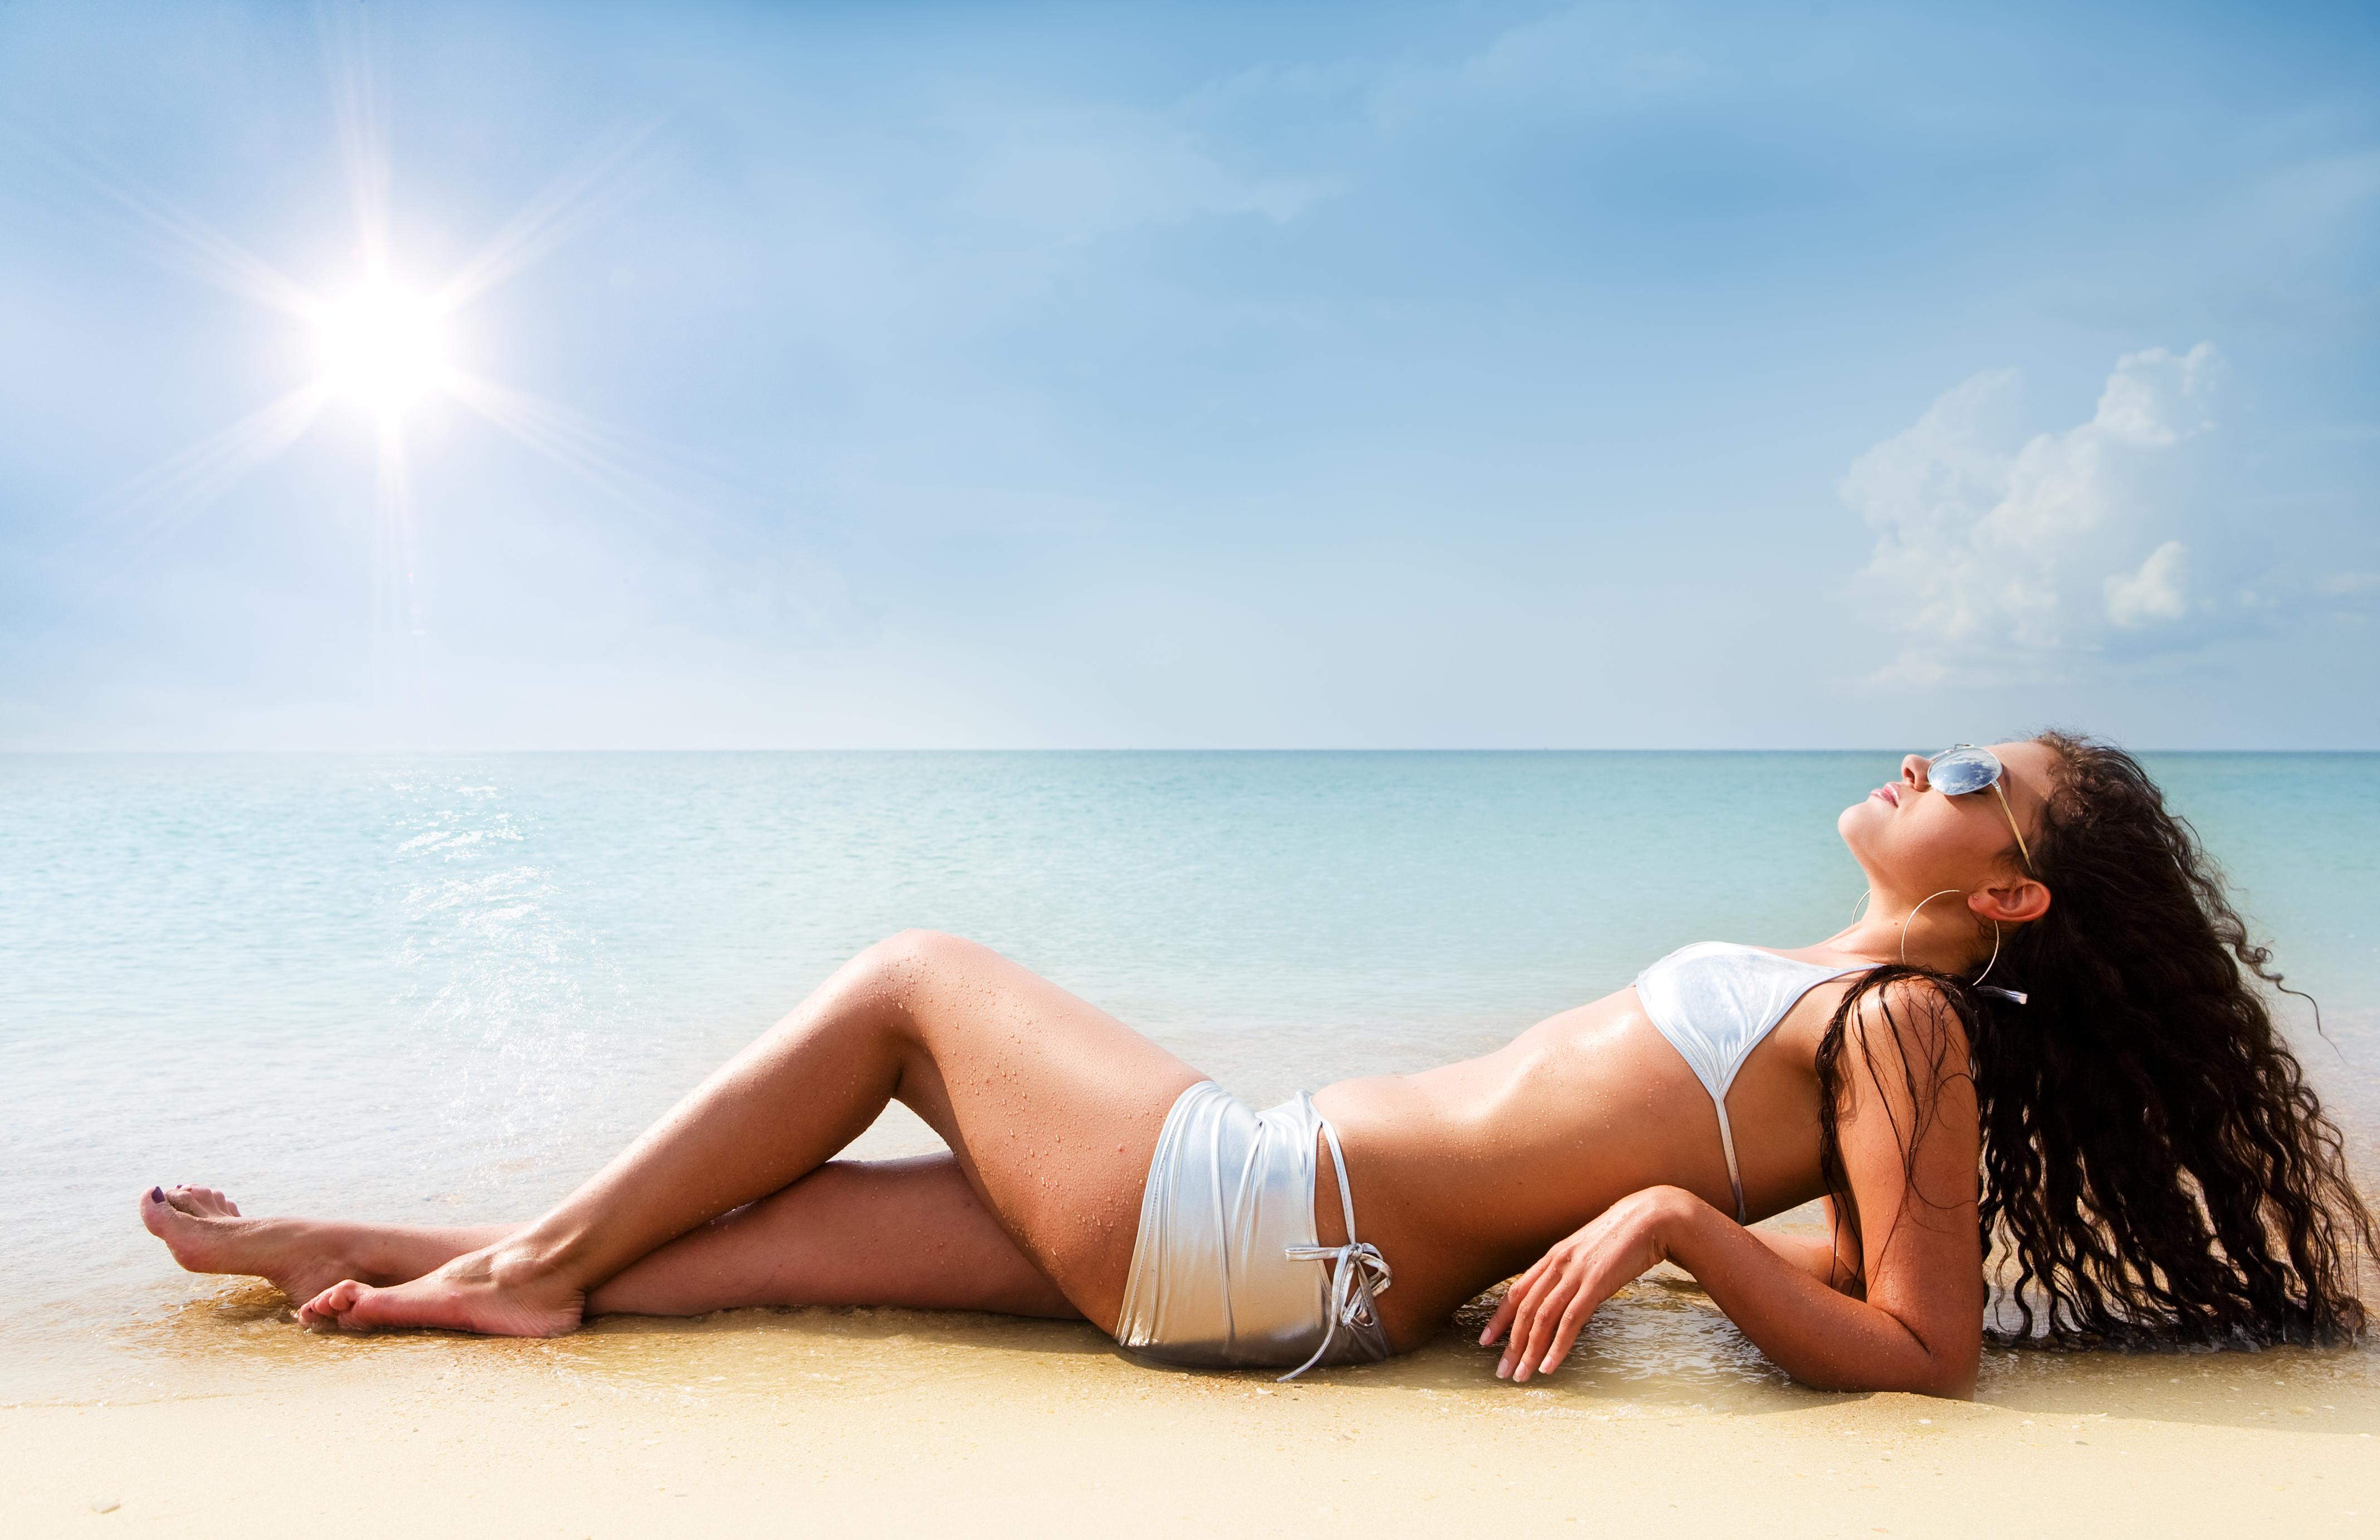 Sun tan girls 5